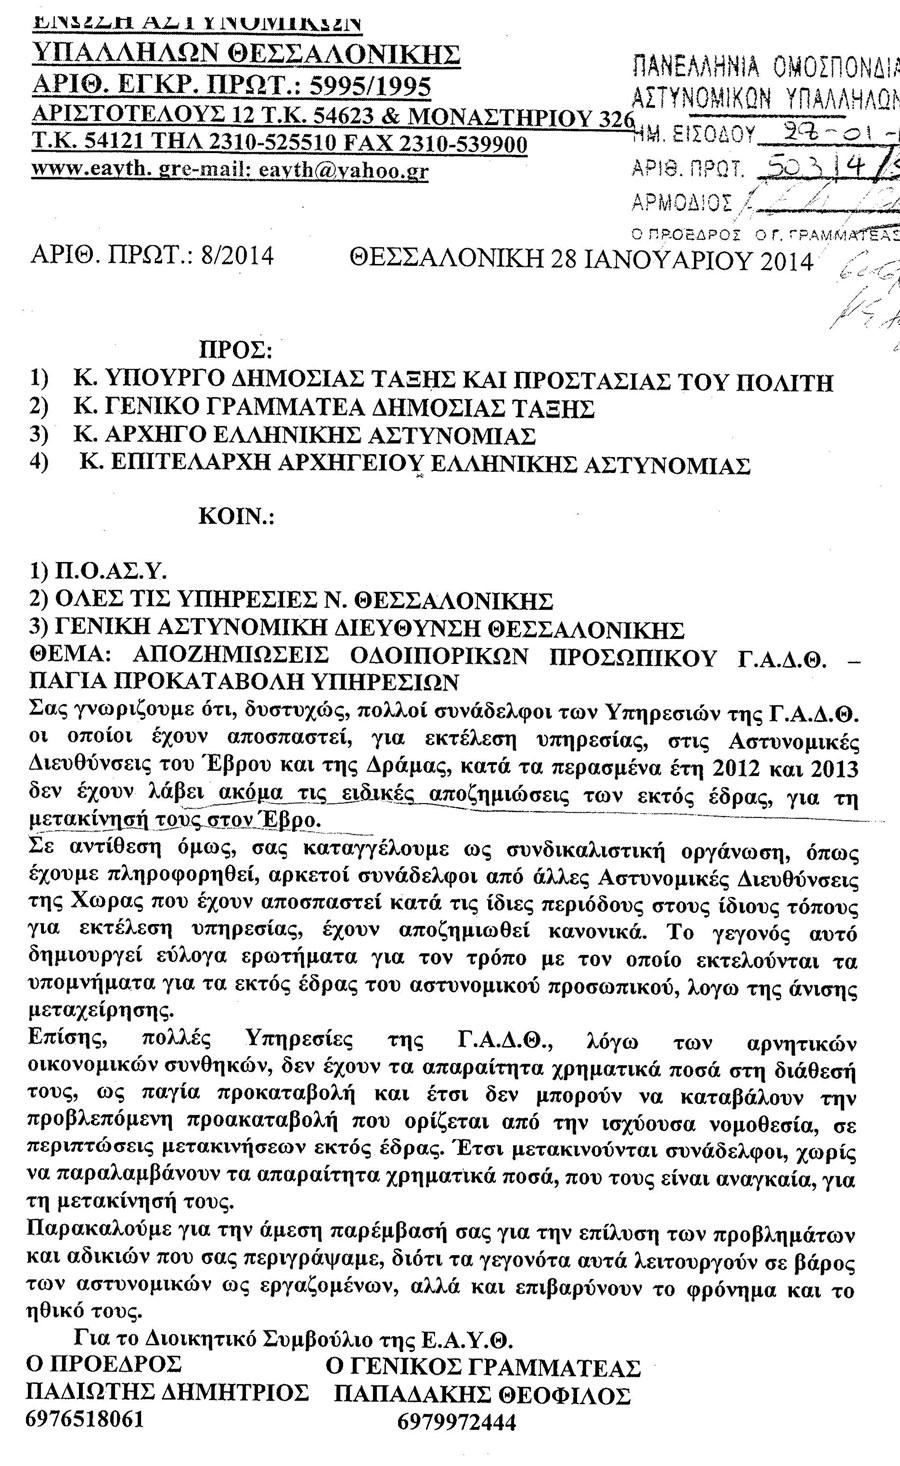 thessaloniki_28-01-2014